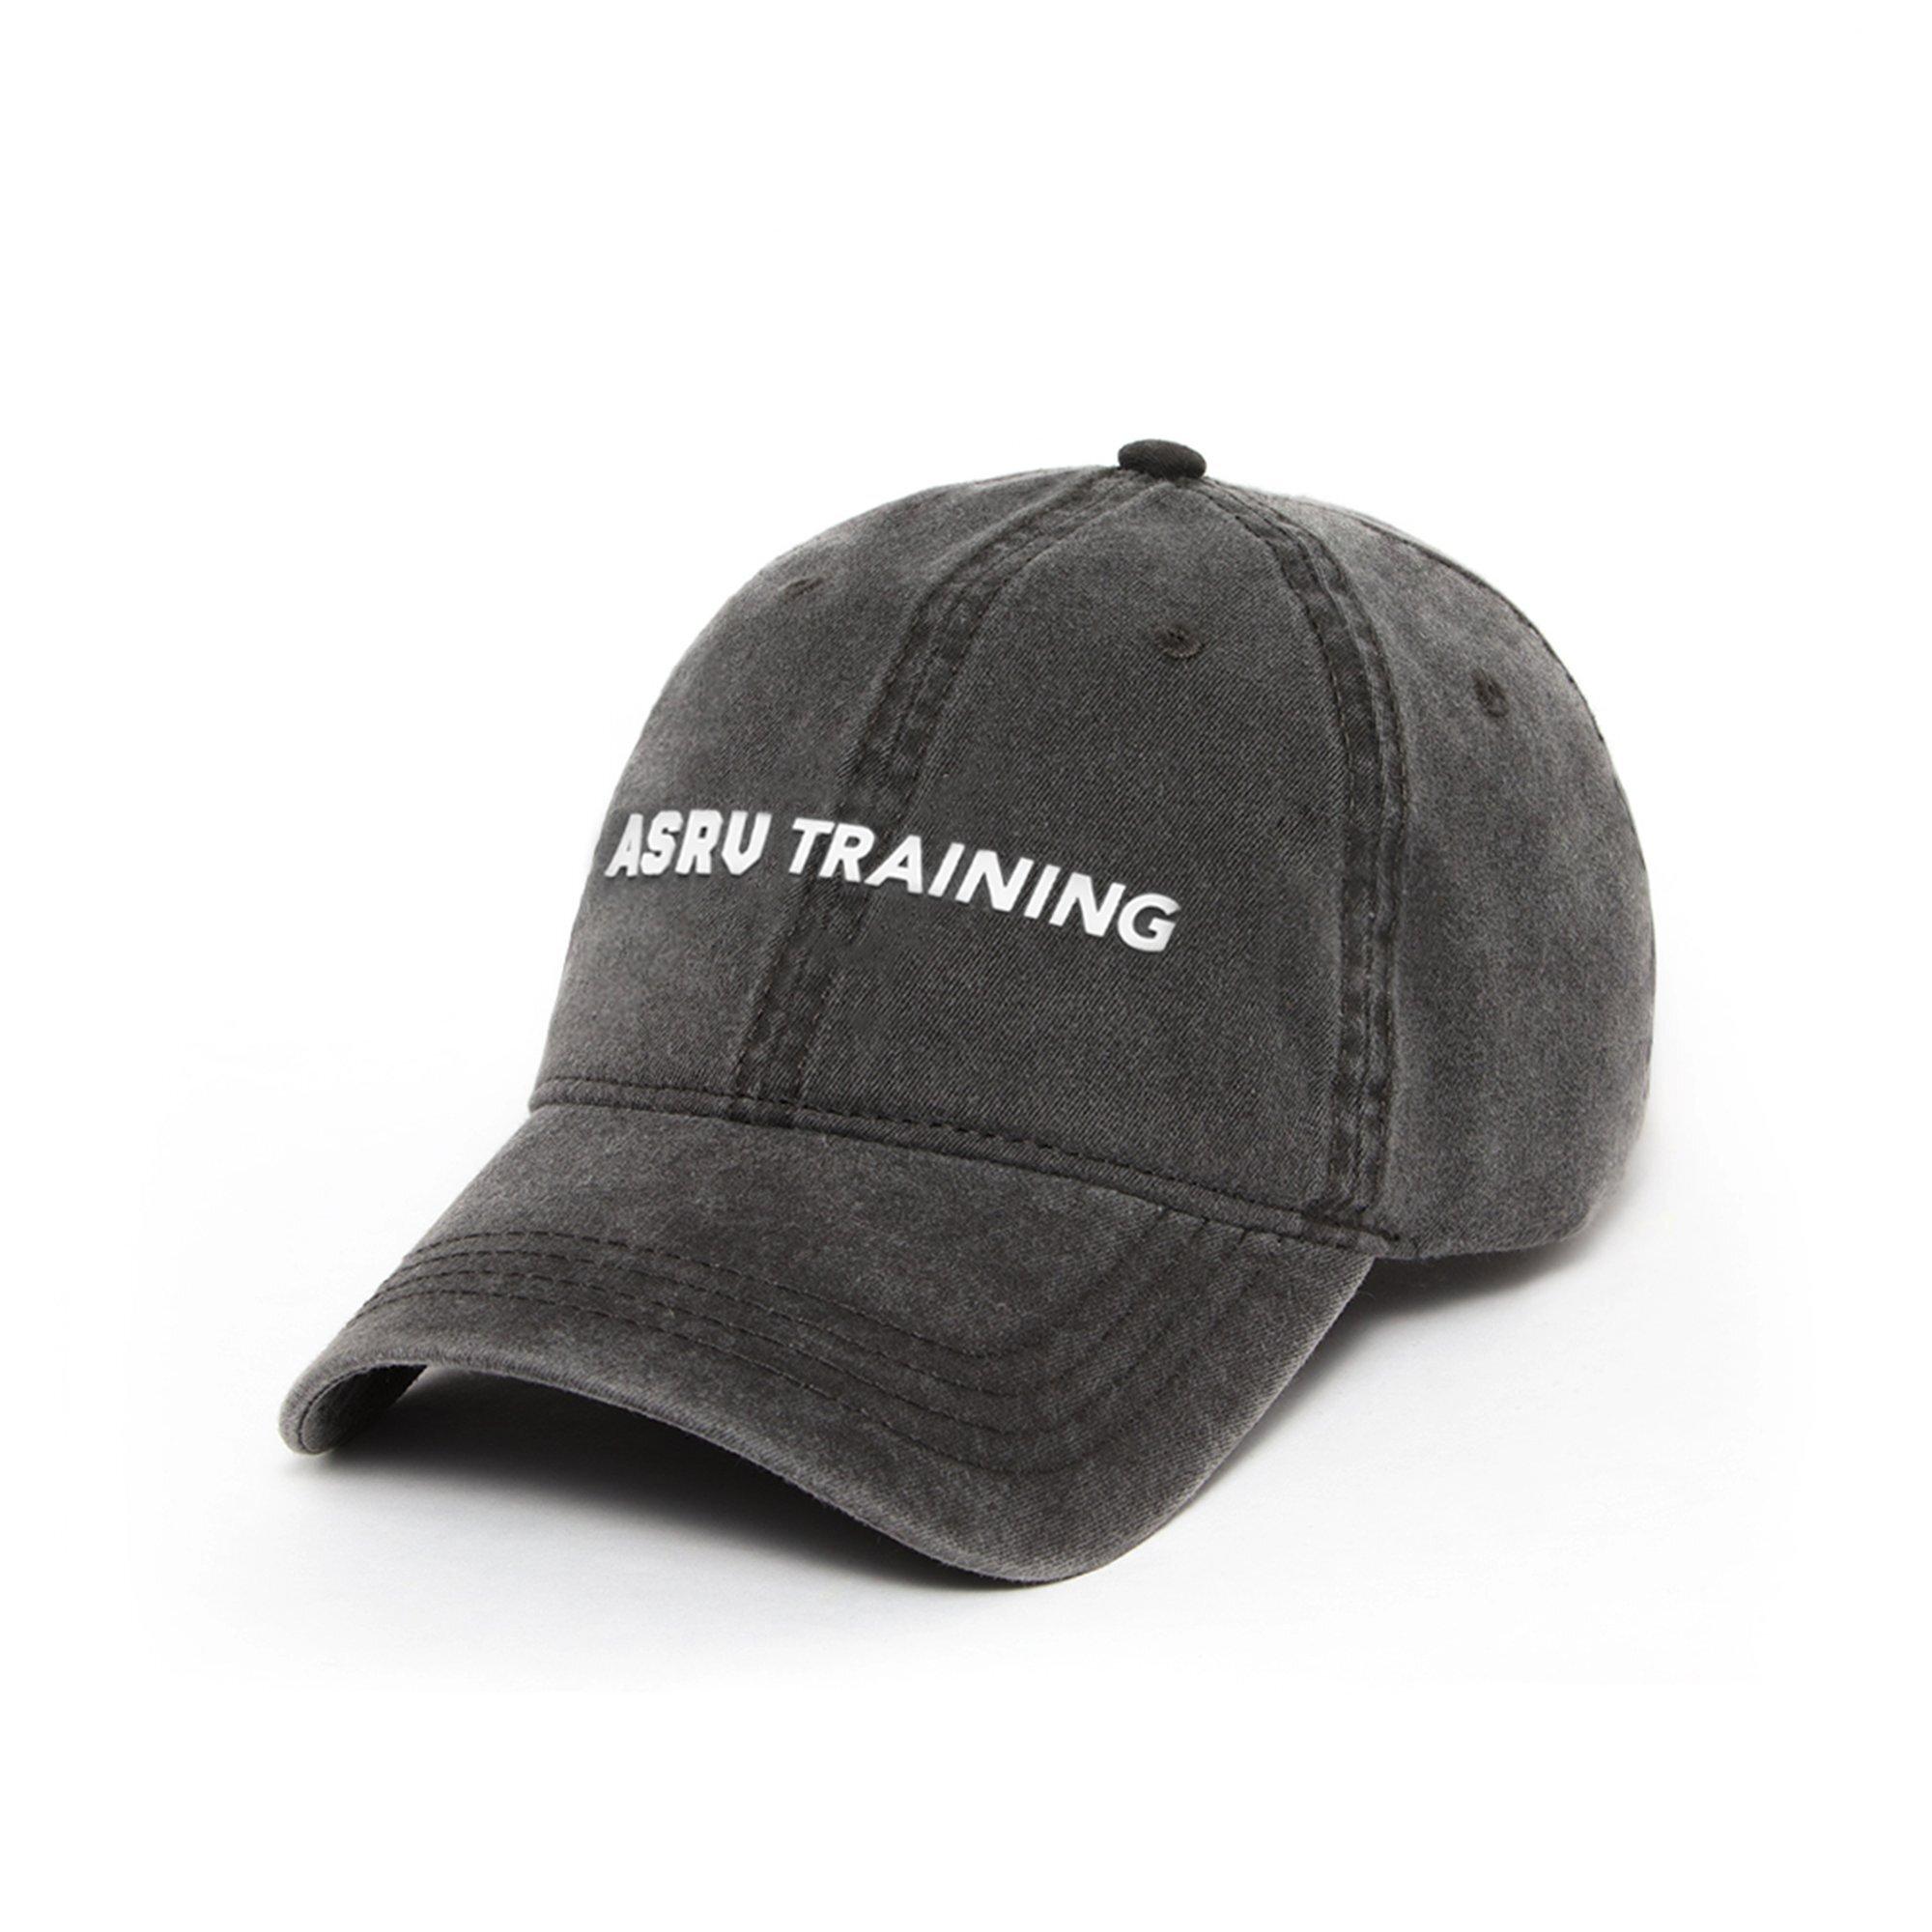 【ASRV】ガーメントダイトレーニングロゴキャップ - Grey/White